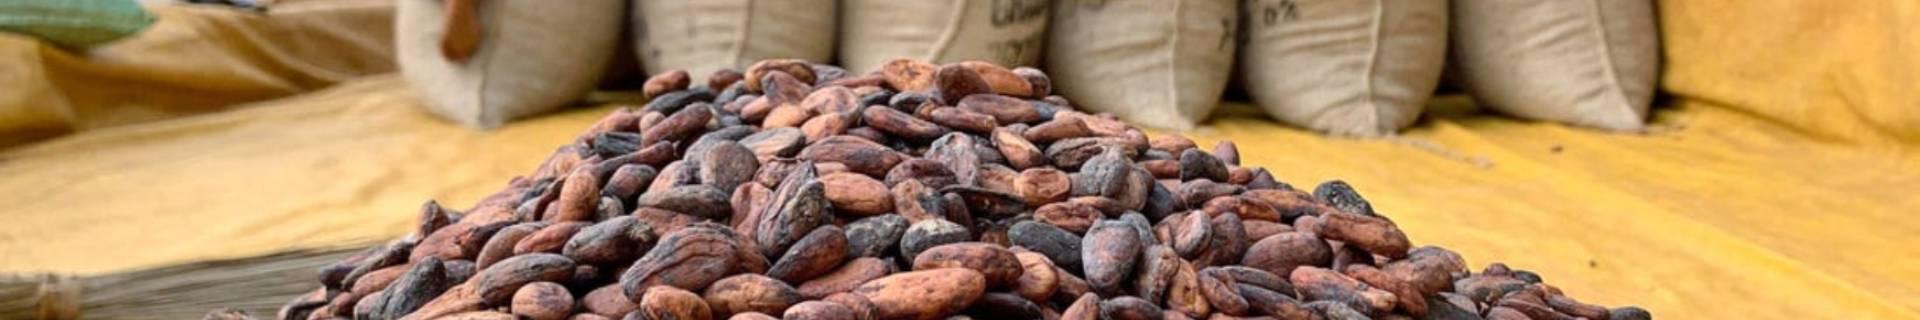 Chocolate mezcla de comercio justo - ECOLECTIA